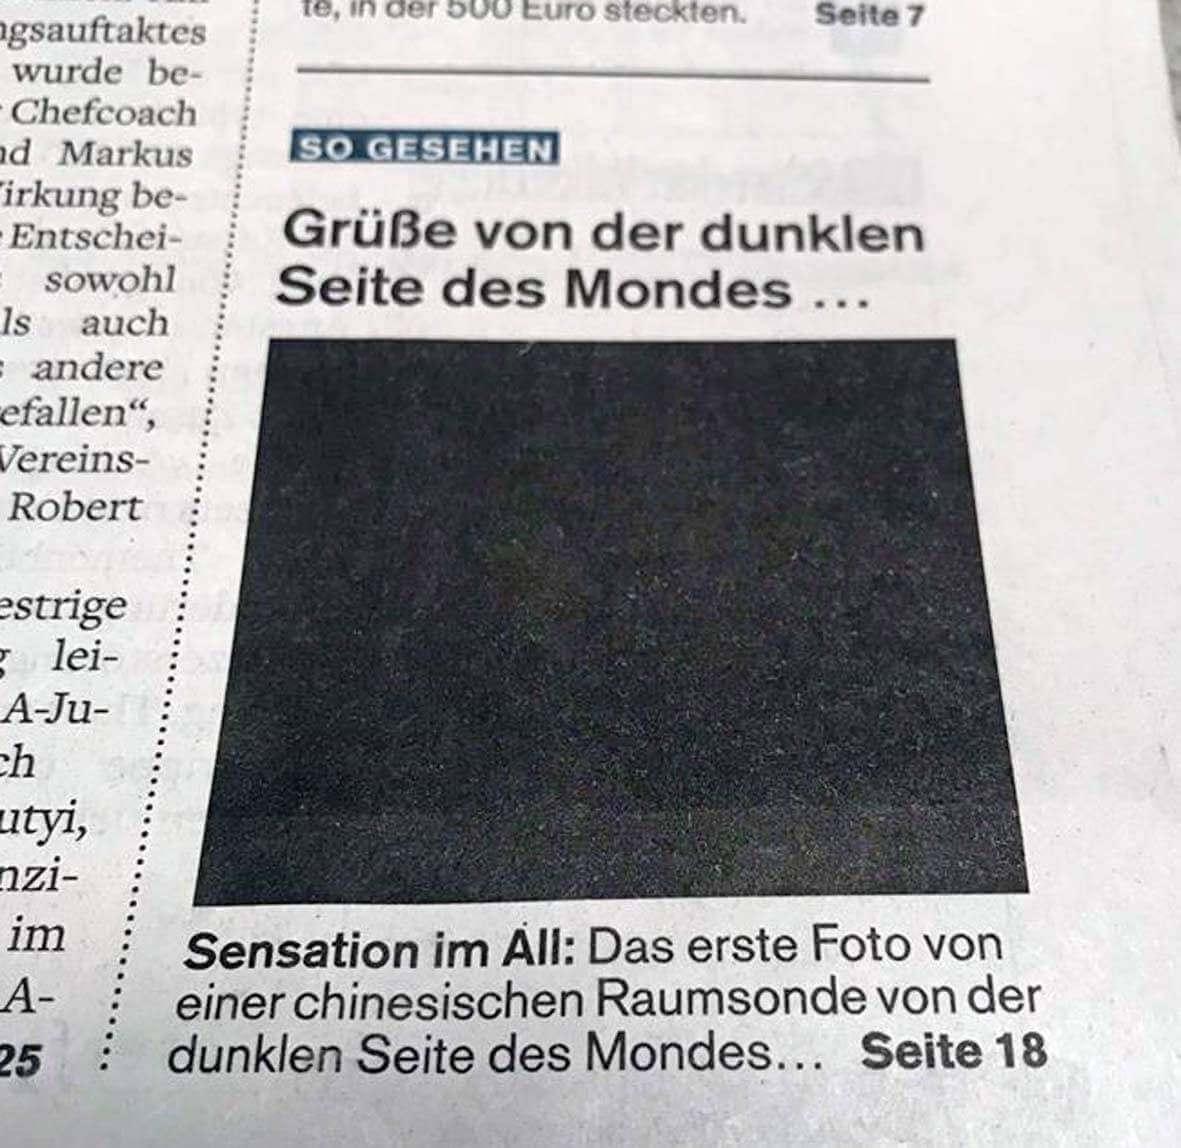 Bilderparade DXXXIII LangweileDich.net_Bilderparade_DXXXIII_64